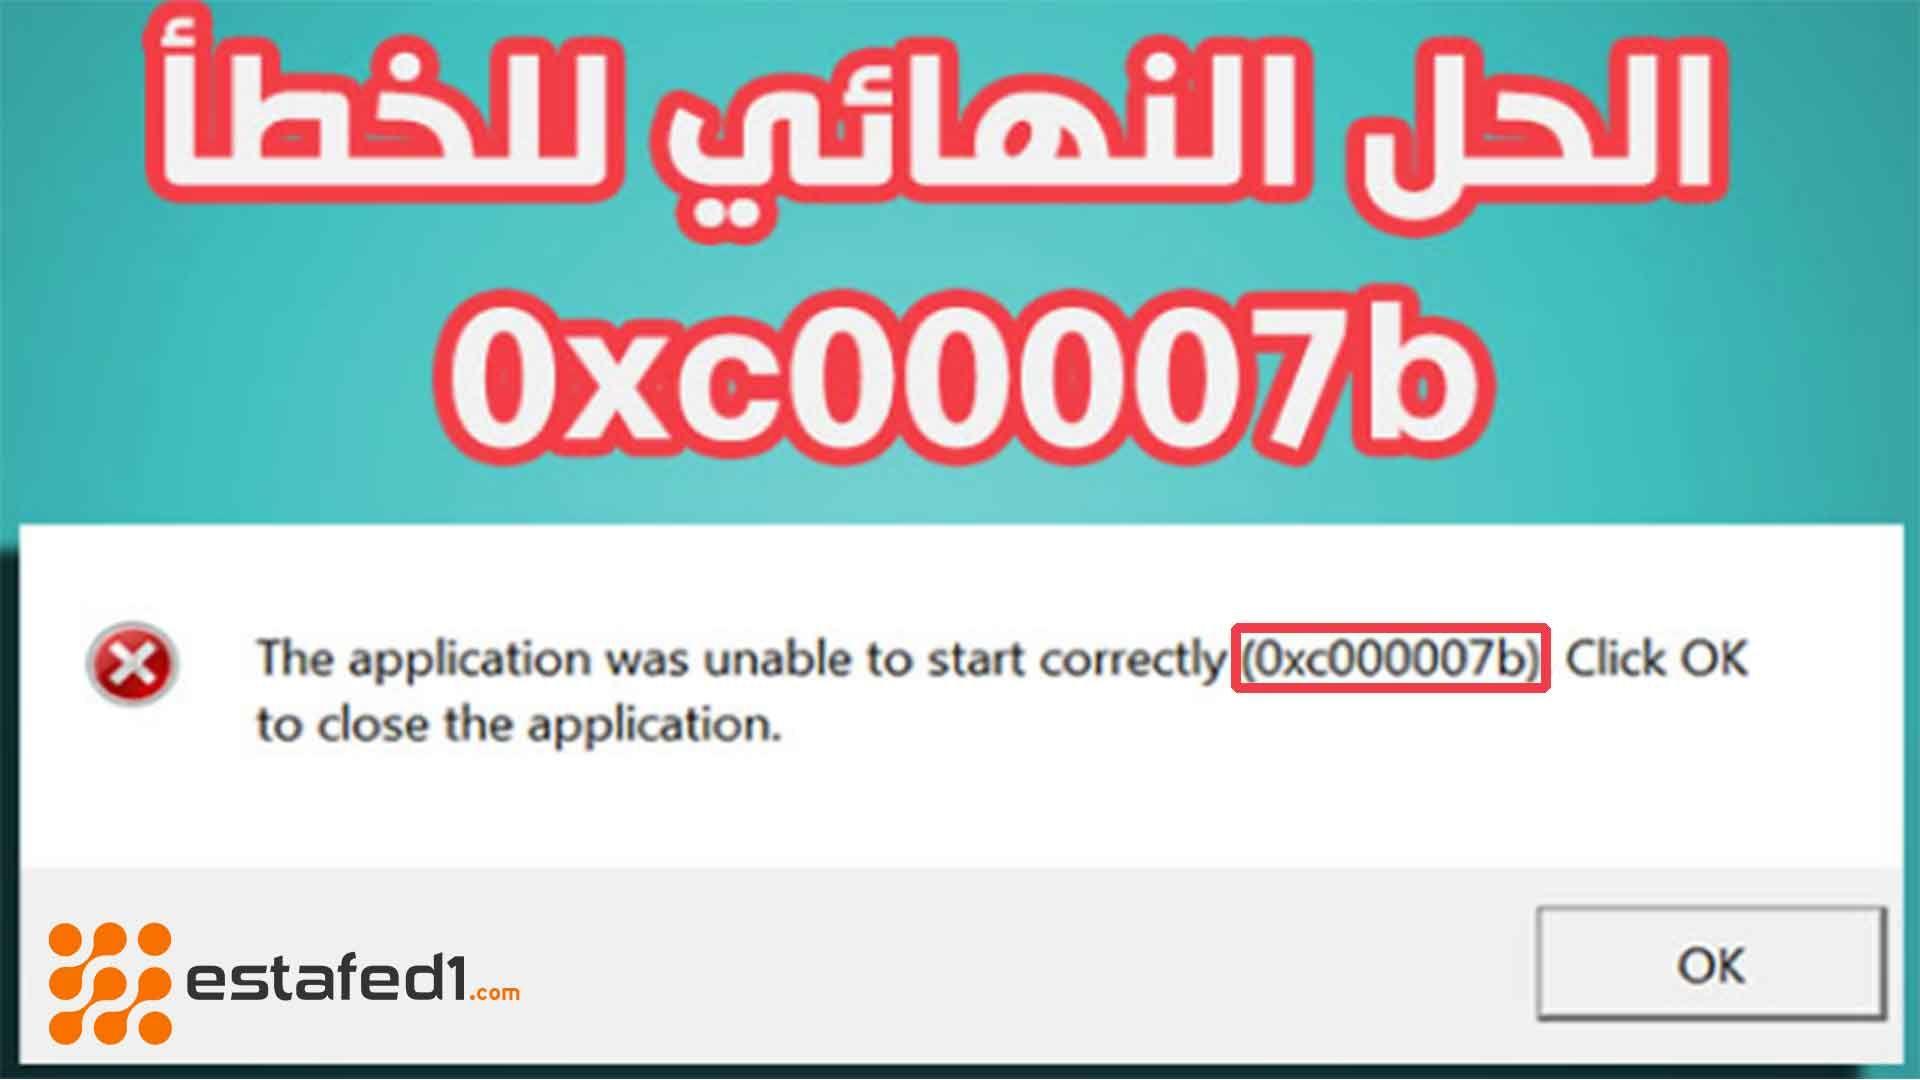 الحل النهائي لرسالة الخطأ 0xc00007b عند تشغيل الألعاب والبرامج Estafed1 Ios Messenger